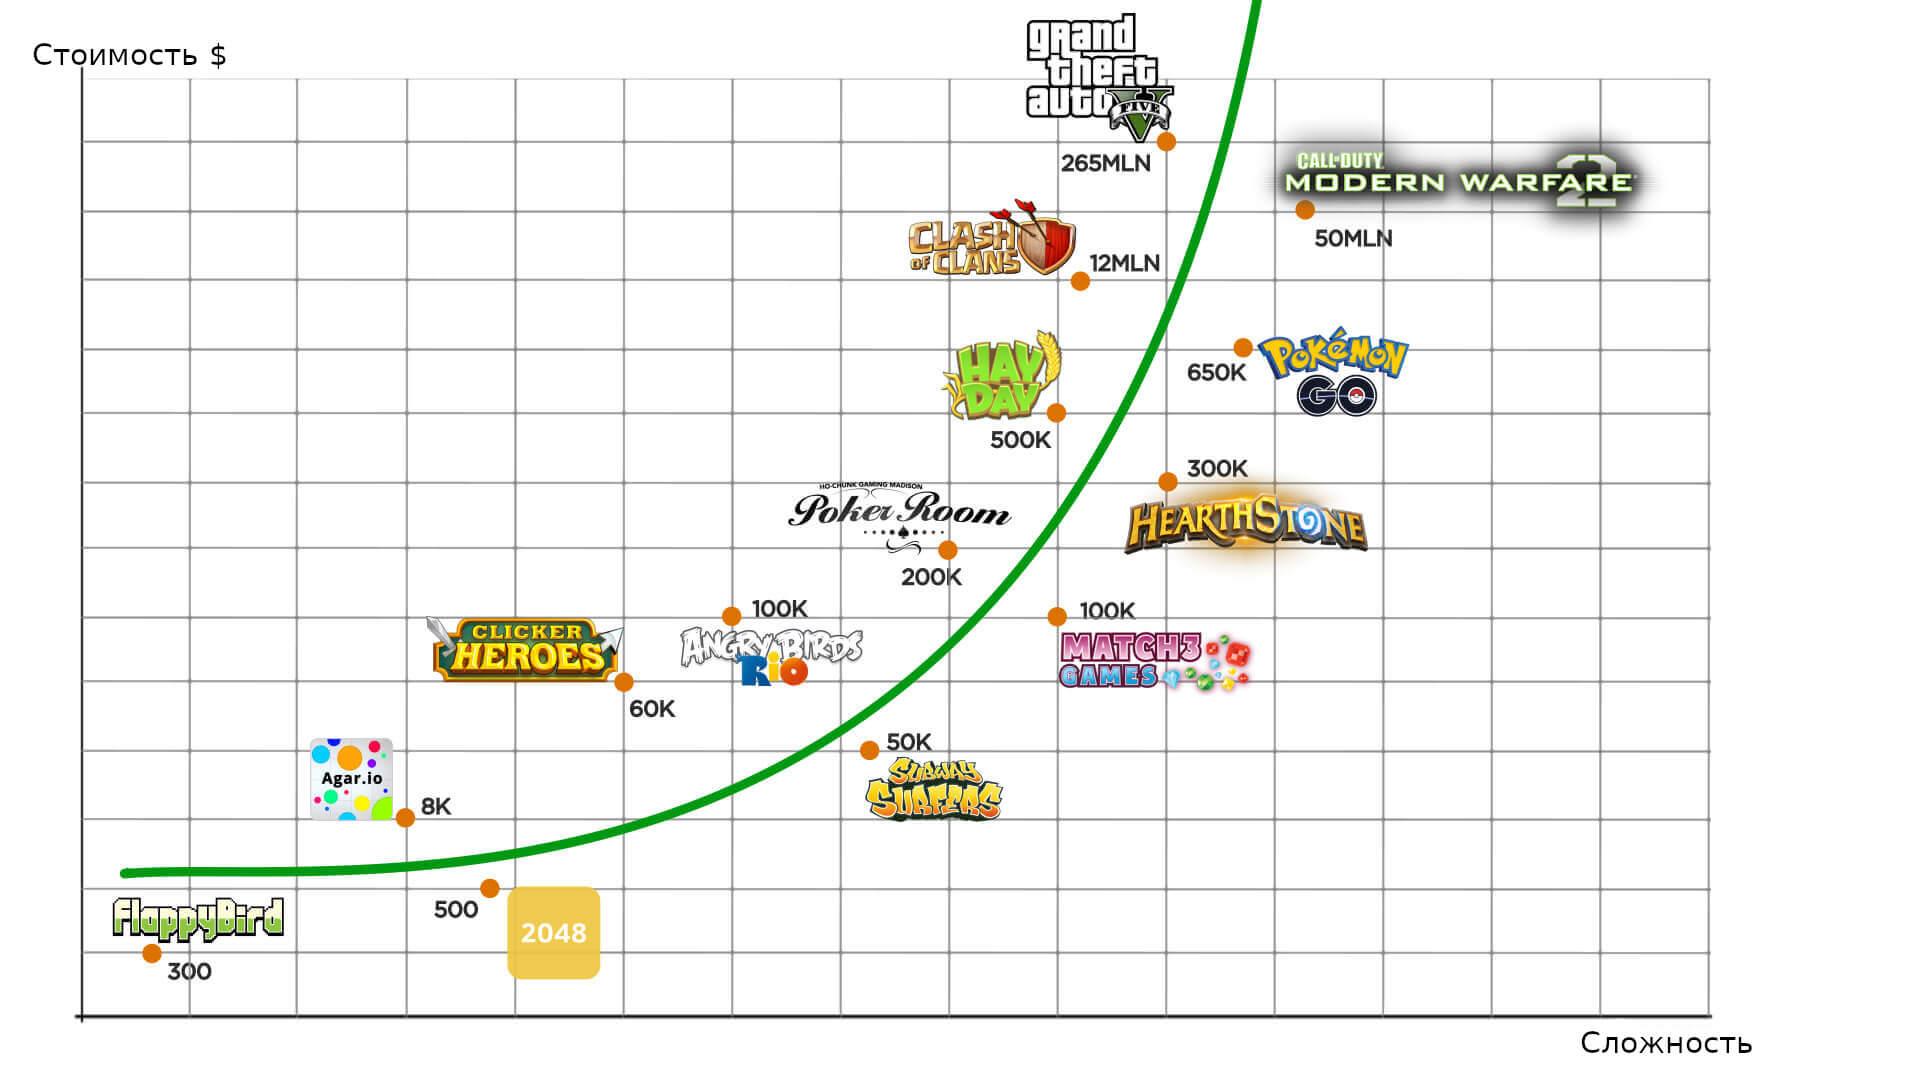 цена разработки игр